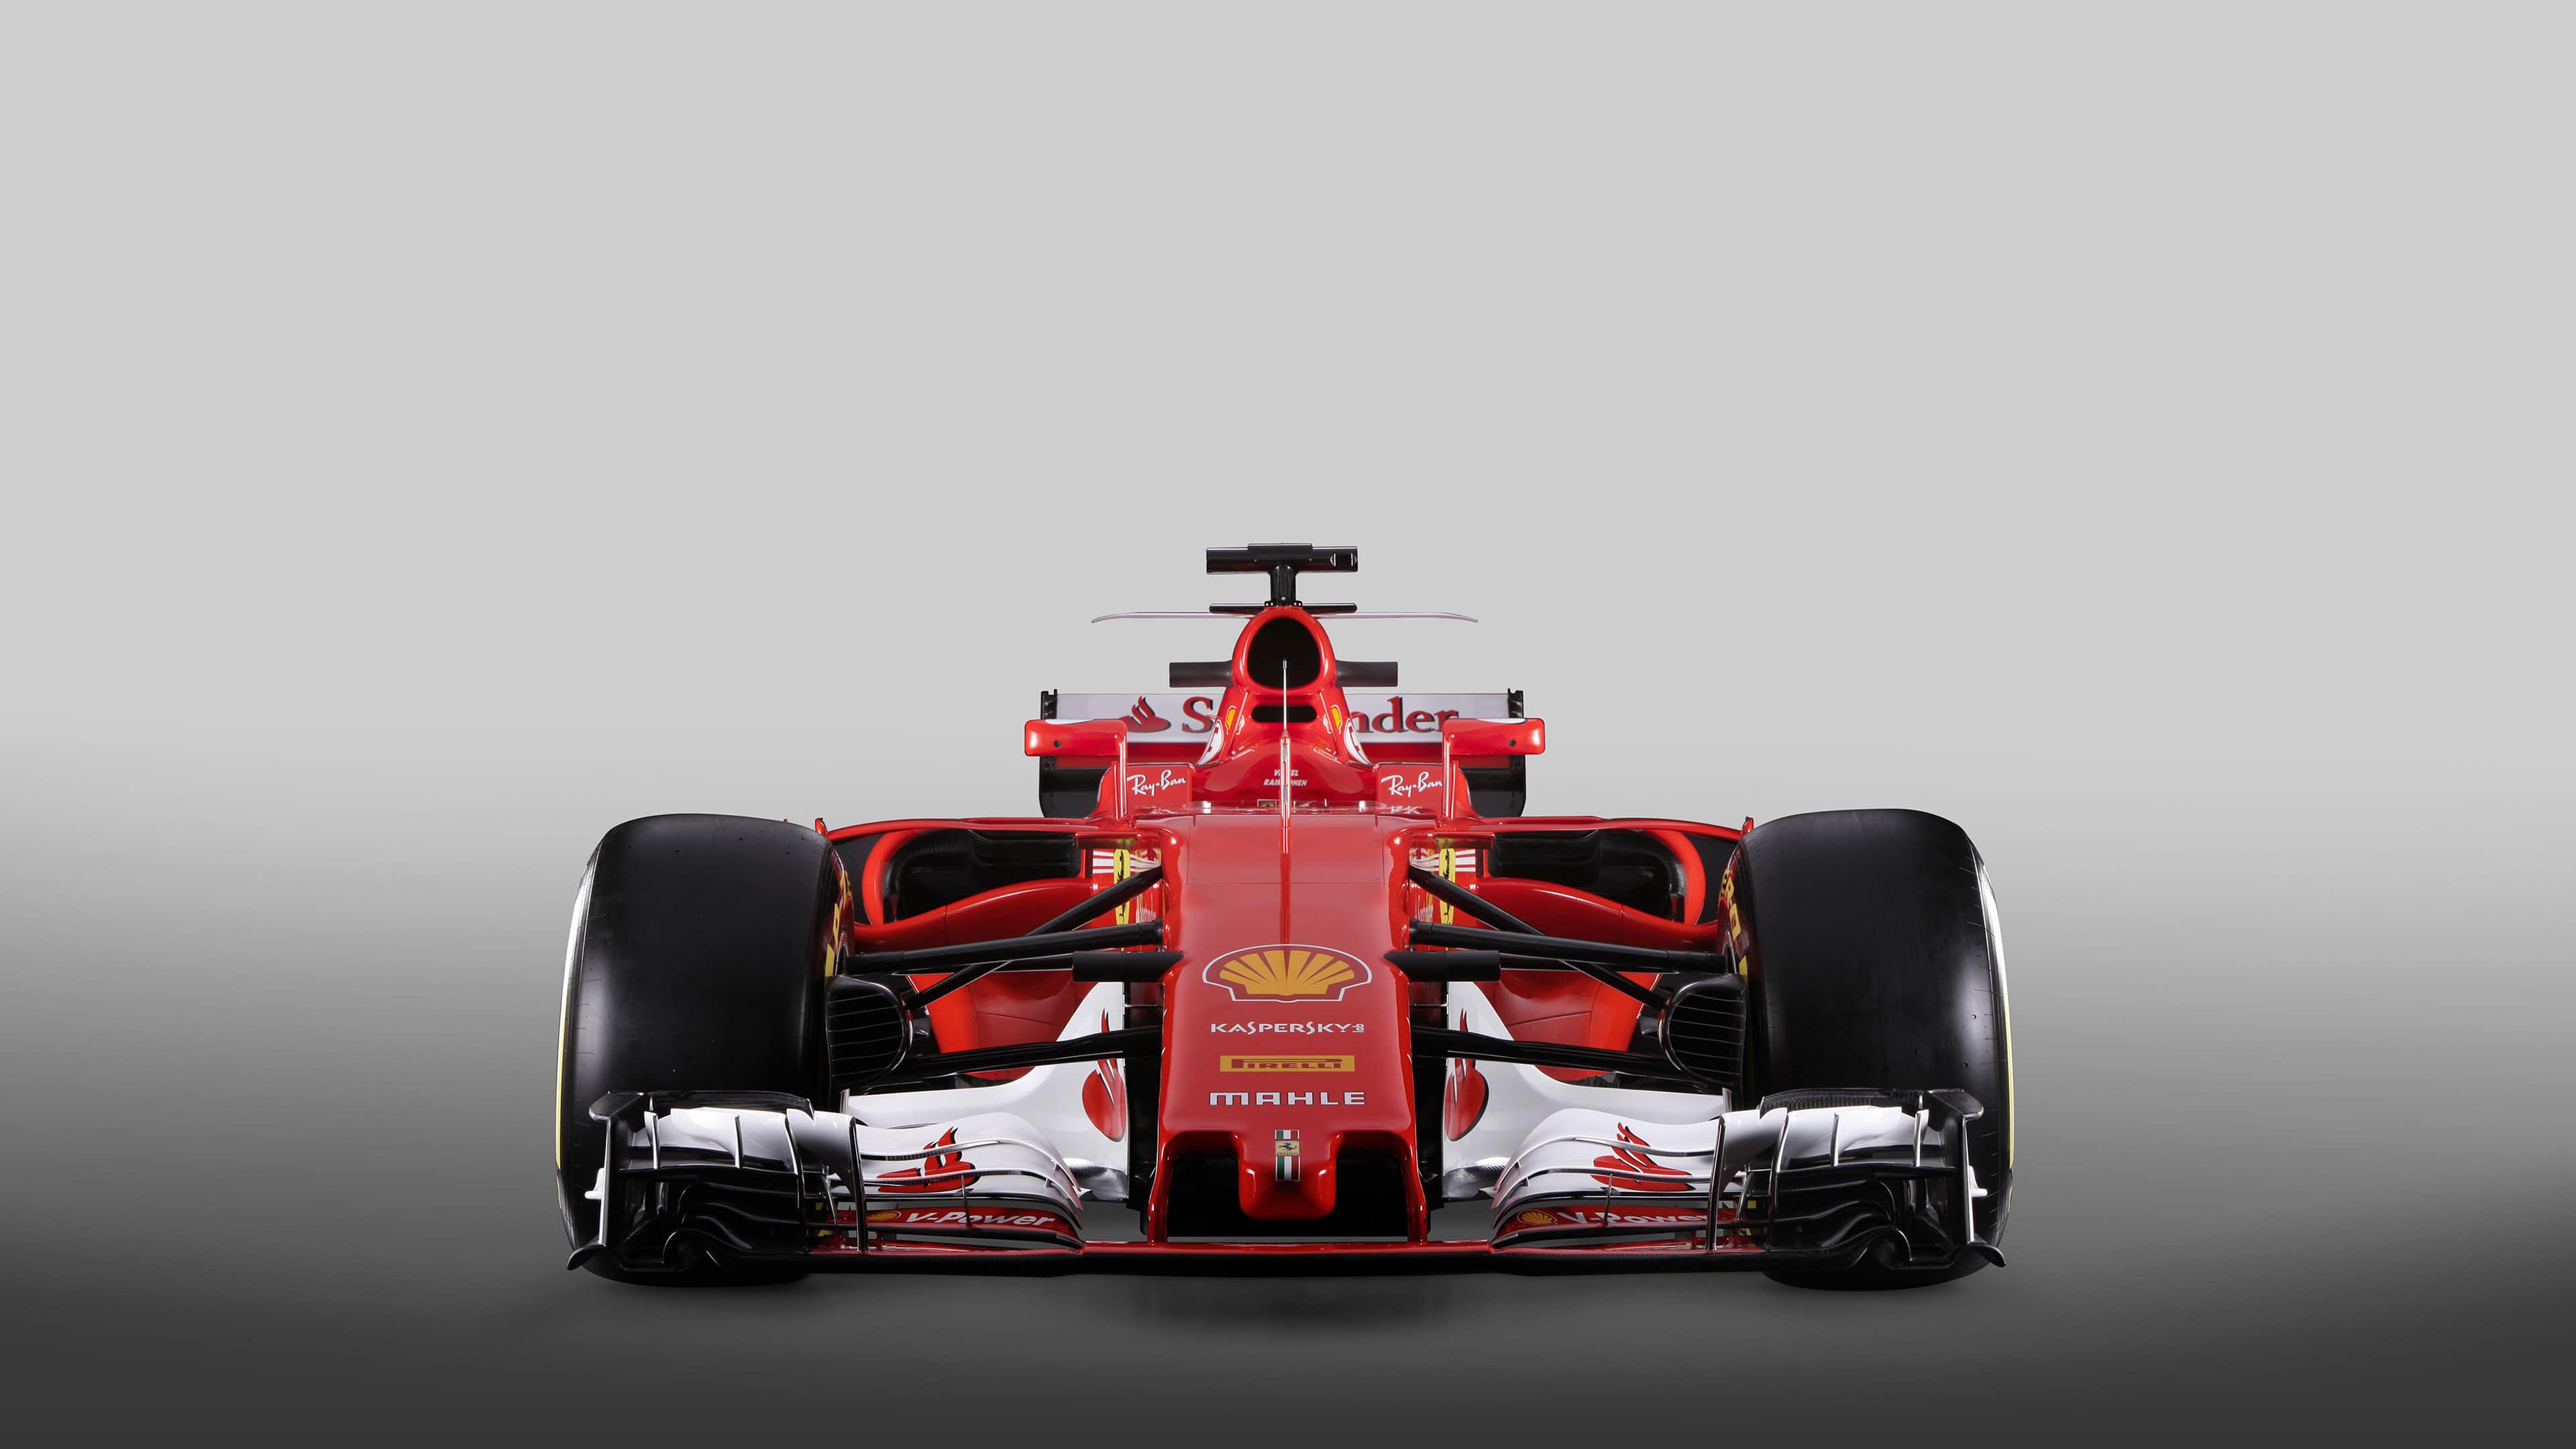 Ferrari SF70 H F1 UHD 4K Wallpaper Pixelz 3840x2160